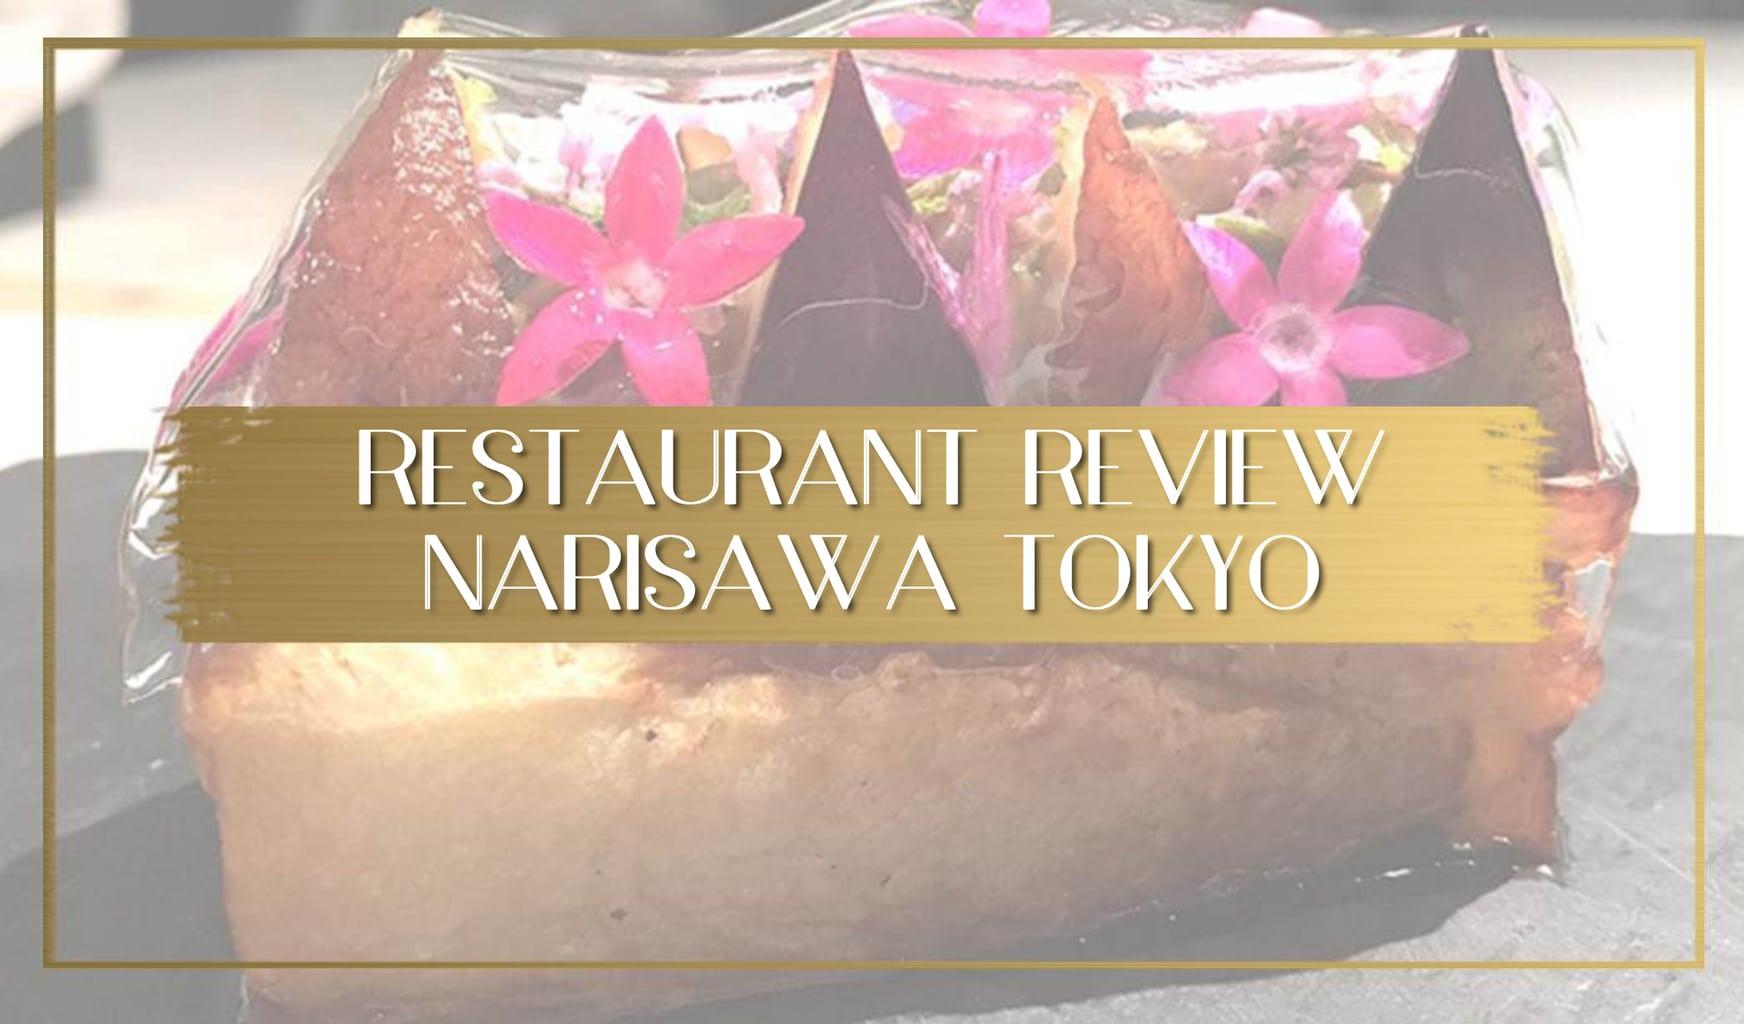 Restaurant review Narisawa Tokyo main